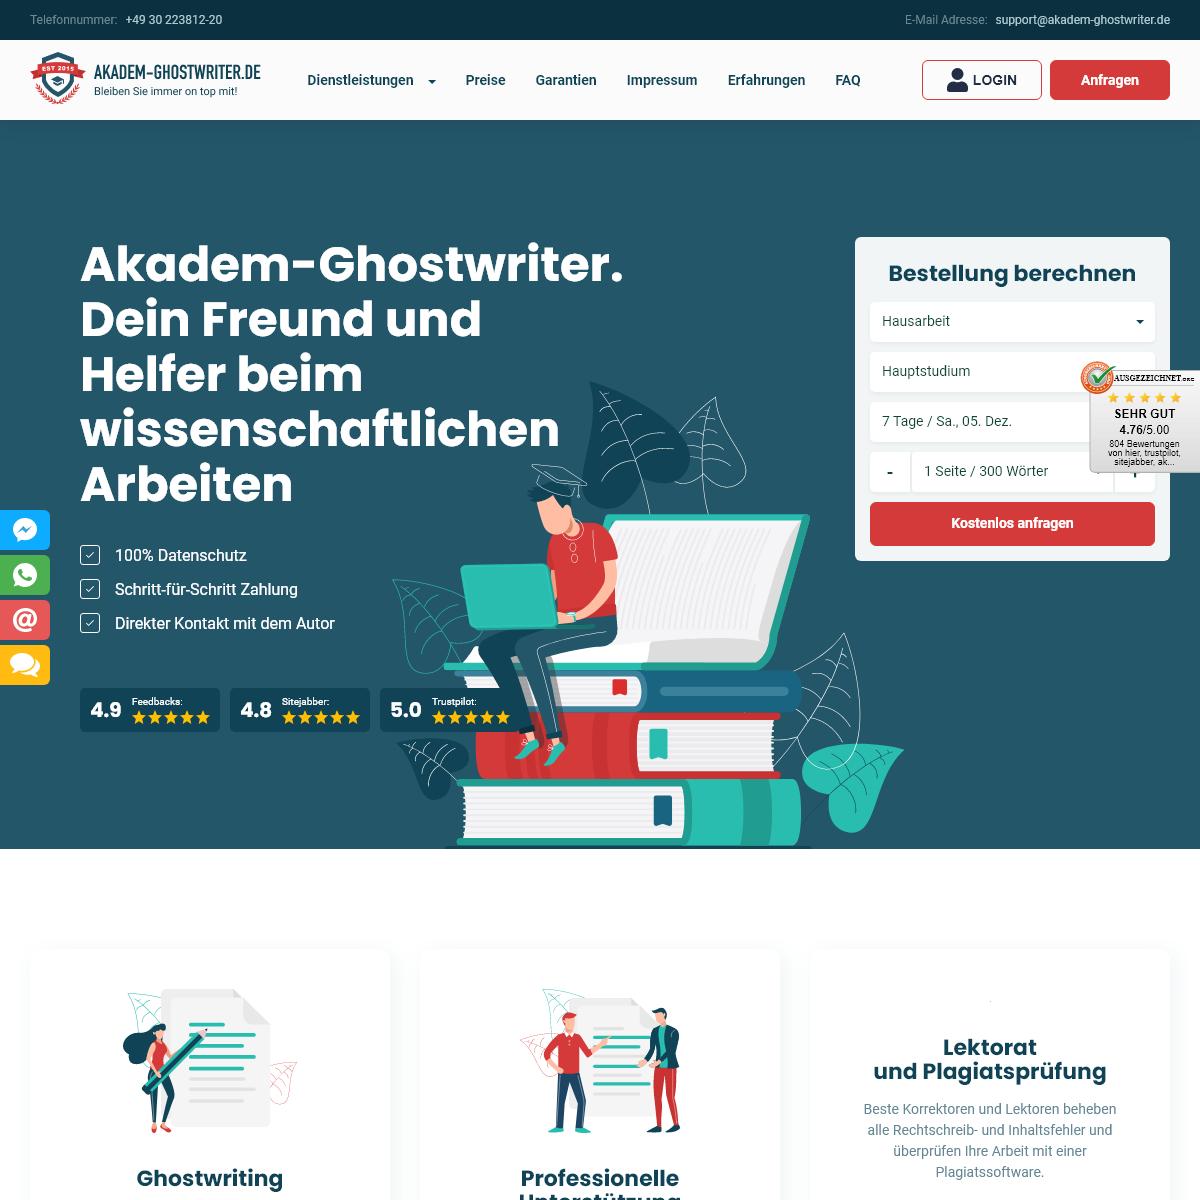 Ghostwriter gesucht- Agentur Akadem-Ghostwriter!